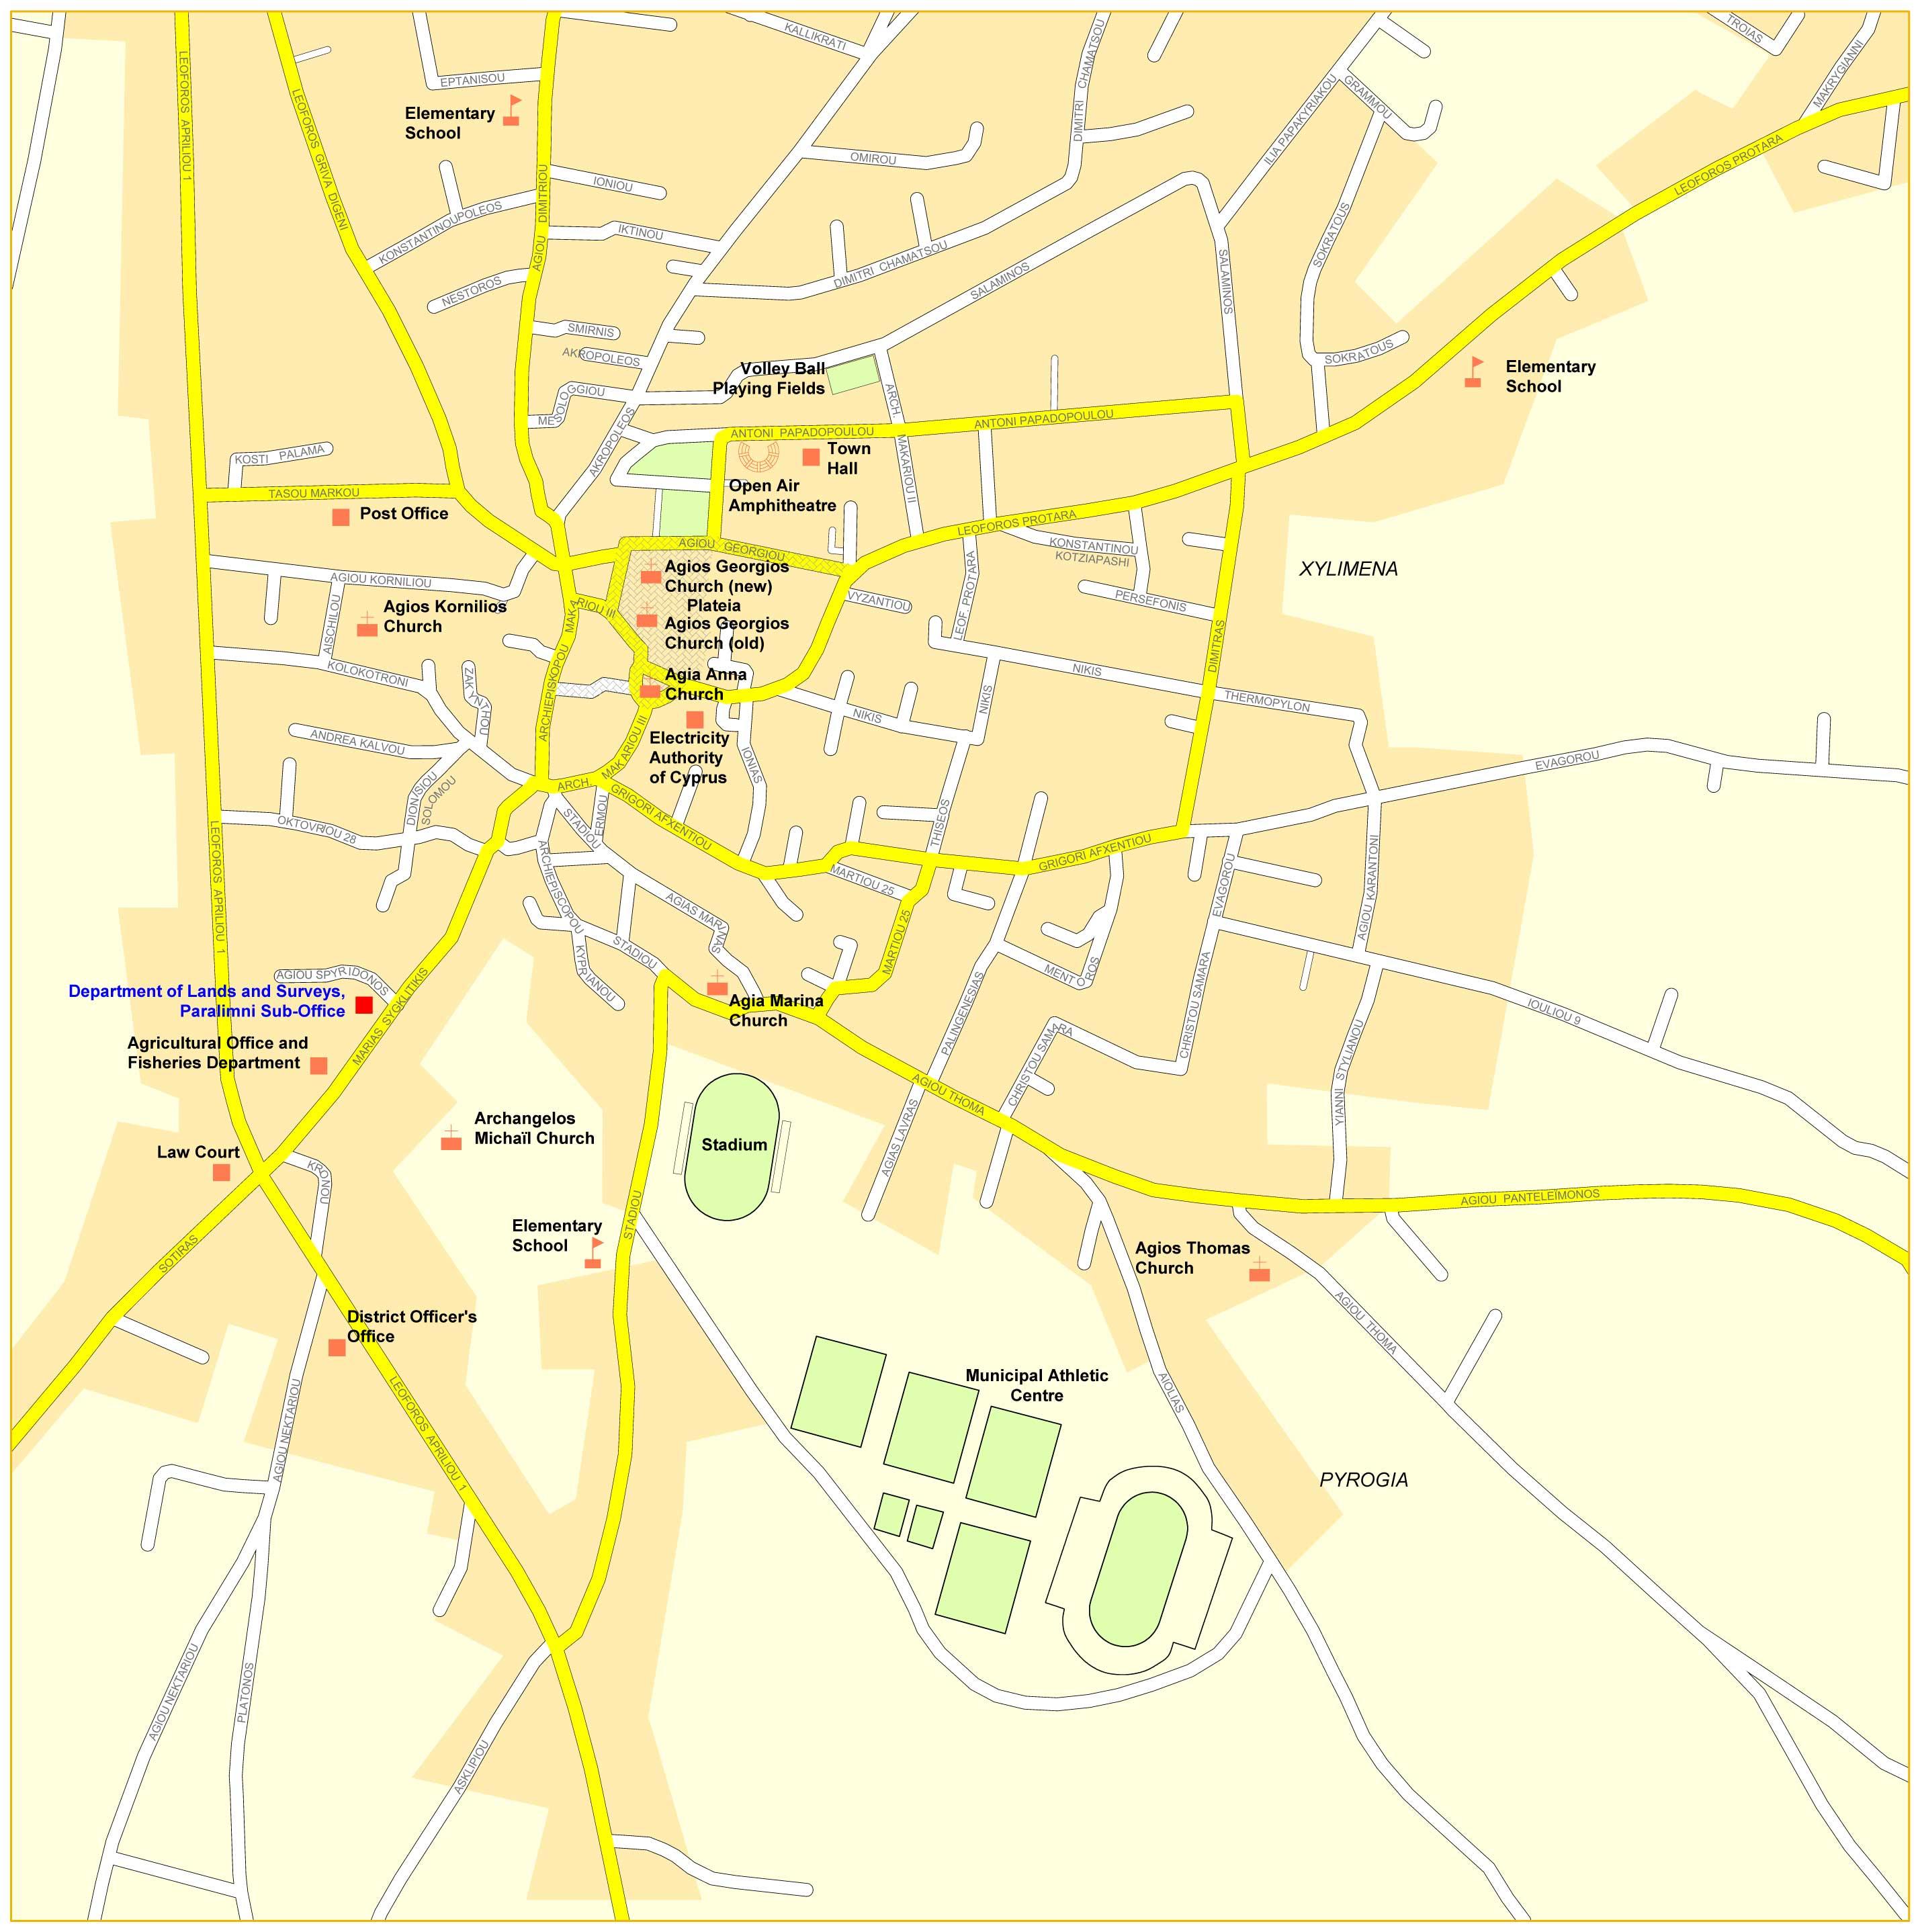 Айя напа подробная карта